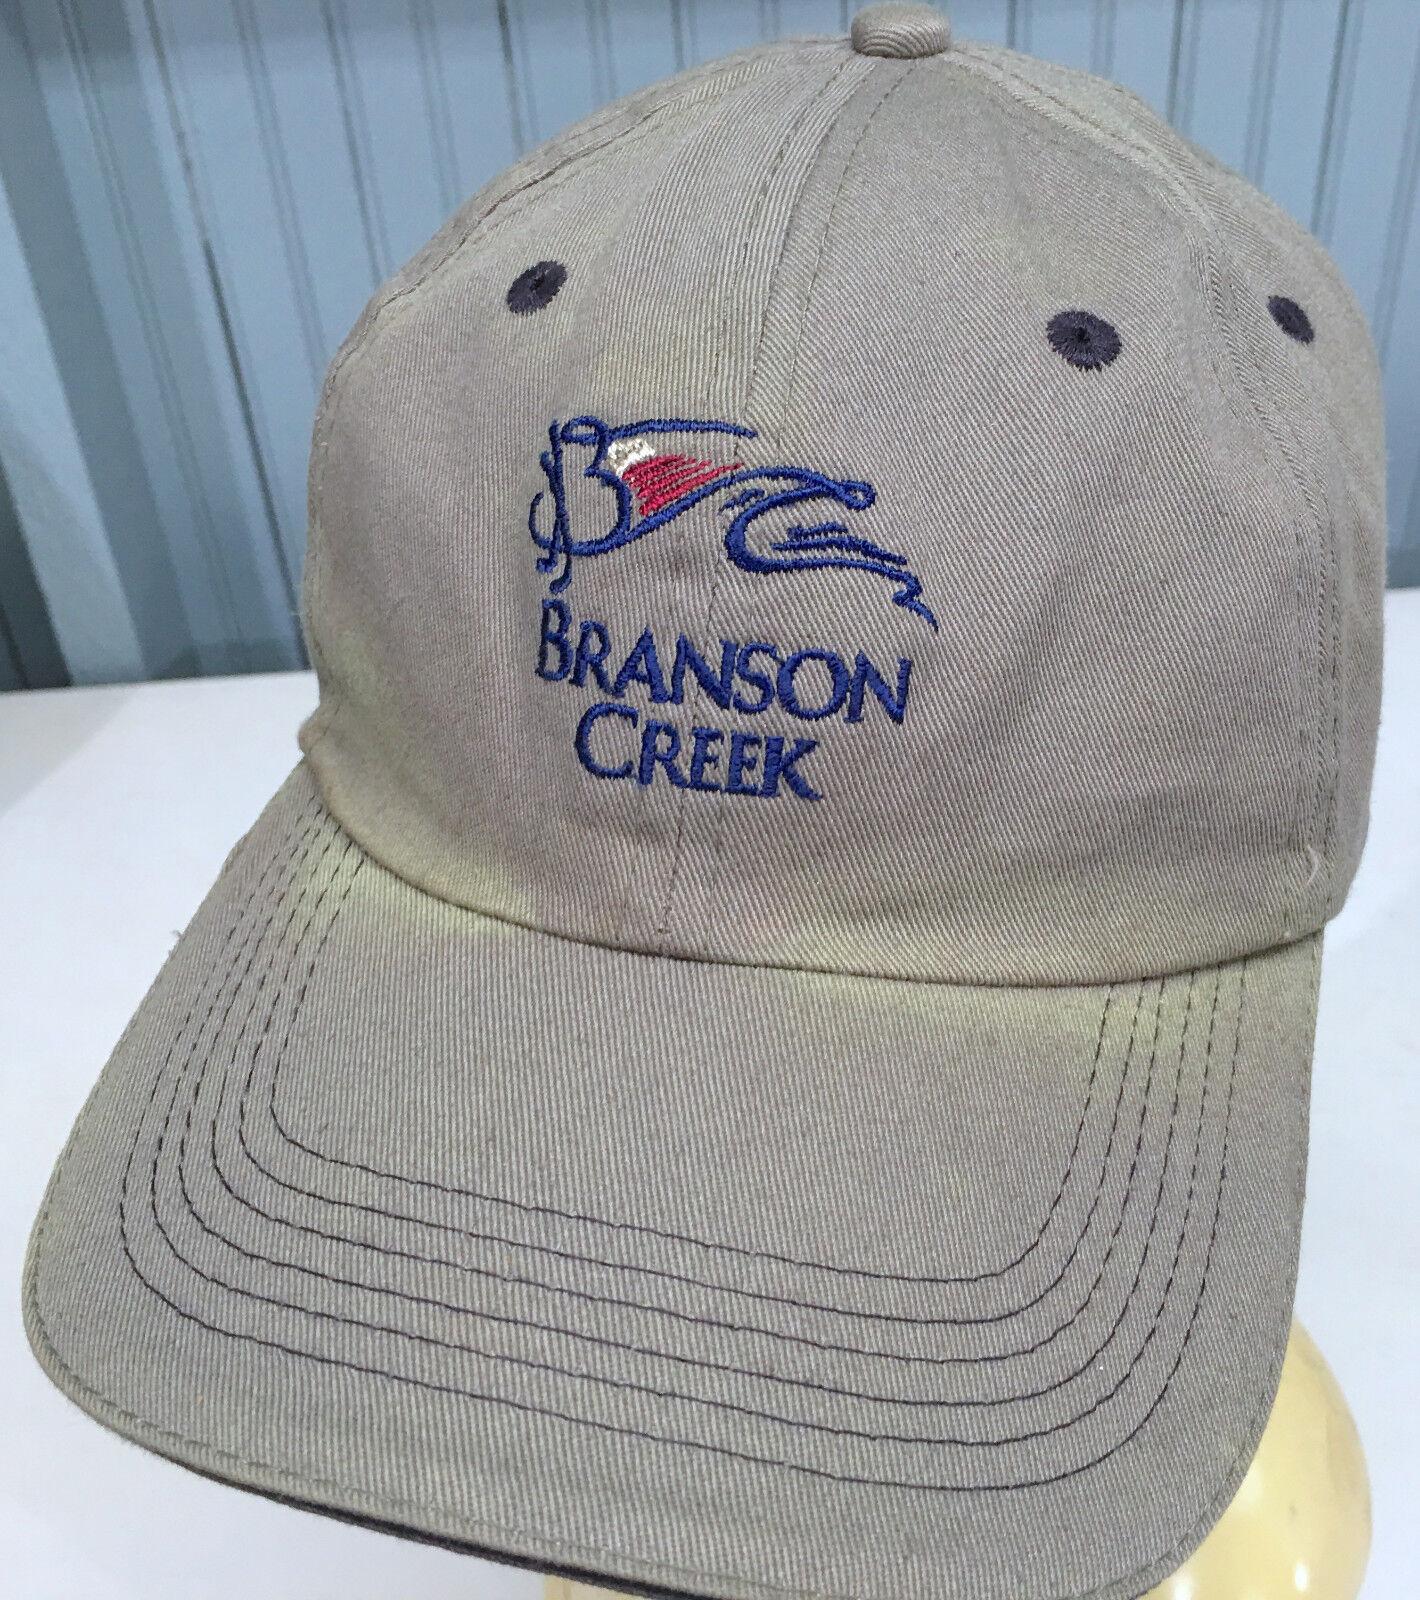 Branson Discolored Creek Golf Discolored Branson Strapback Baseball Cap Hat 84828f